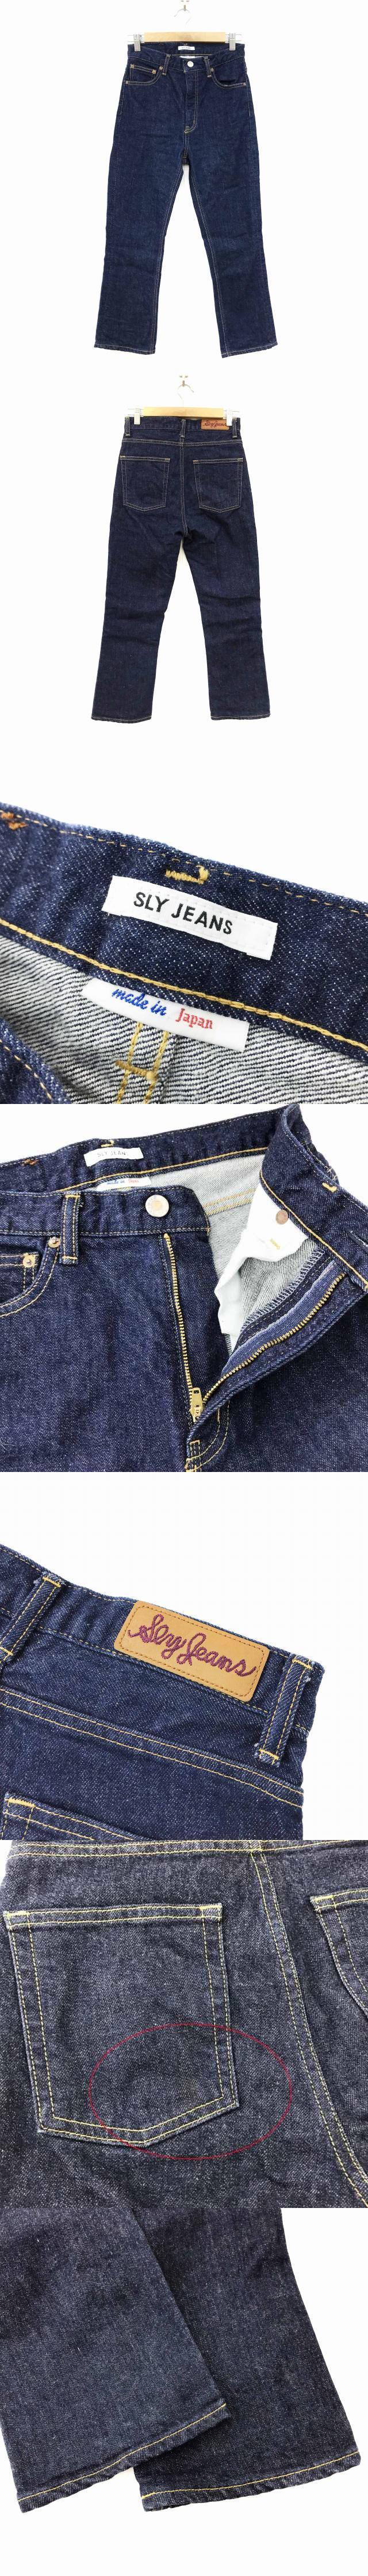 JEANS パンツ デニム ジーンズ ロング ストレート ストレッチ 24 青 ブルー ☆